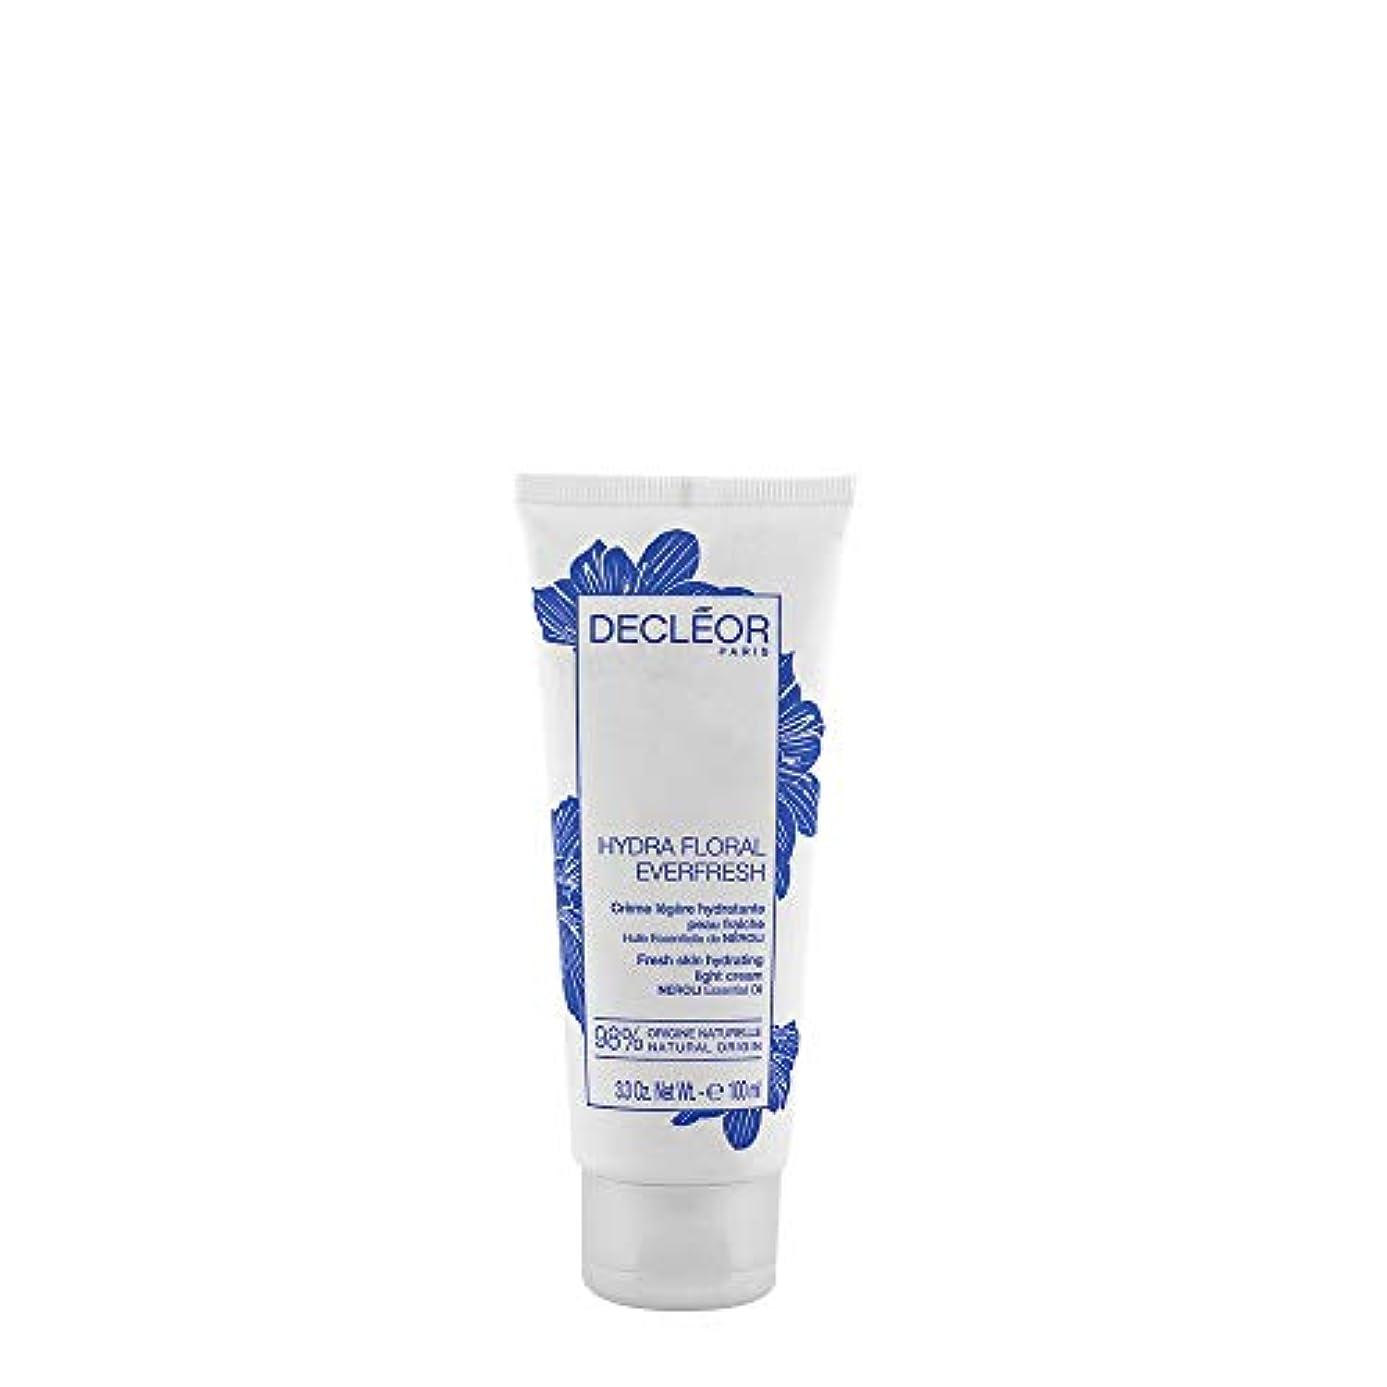 電気技師地上の配偶者デクレオール Hydra Floral Everfresh Fresh Skin Hydrating Light Cream - For Dehydrated Skin (Limited Edition) 100ml/3.3oz...